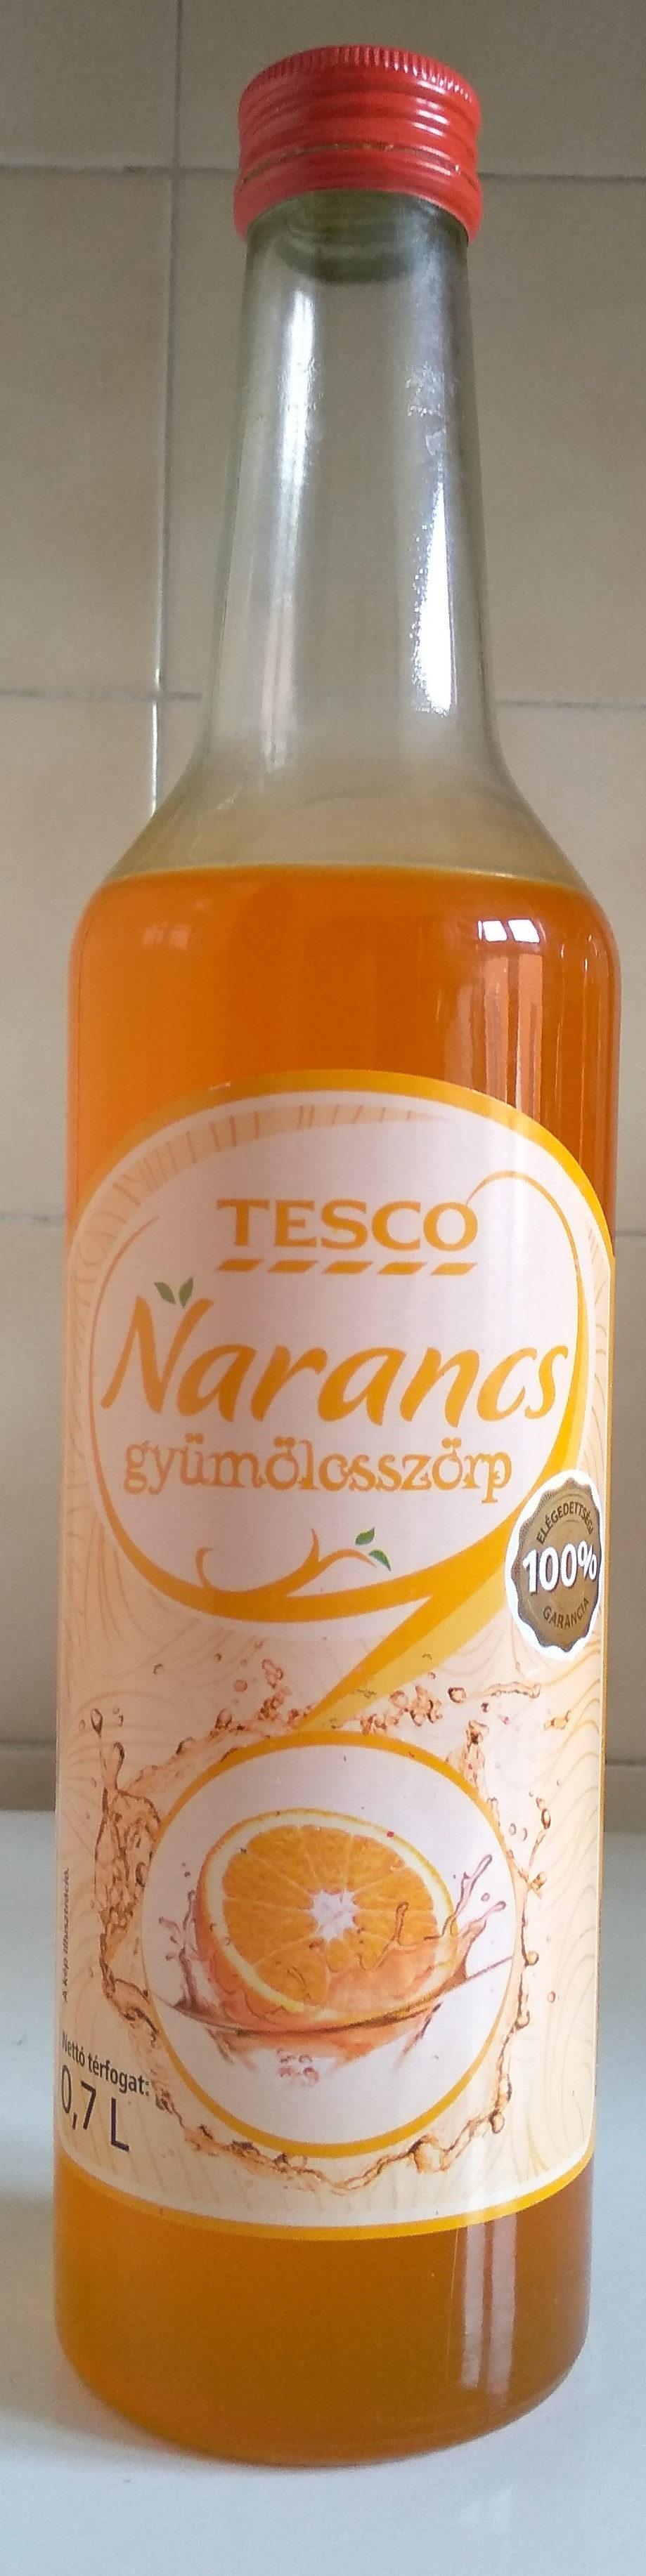 Tesco Narancs gyümölcsszörp - Product